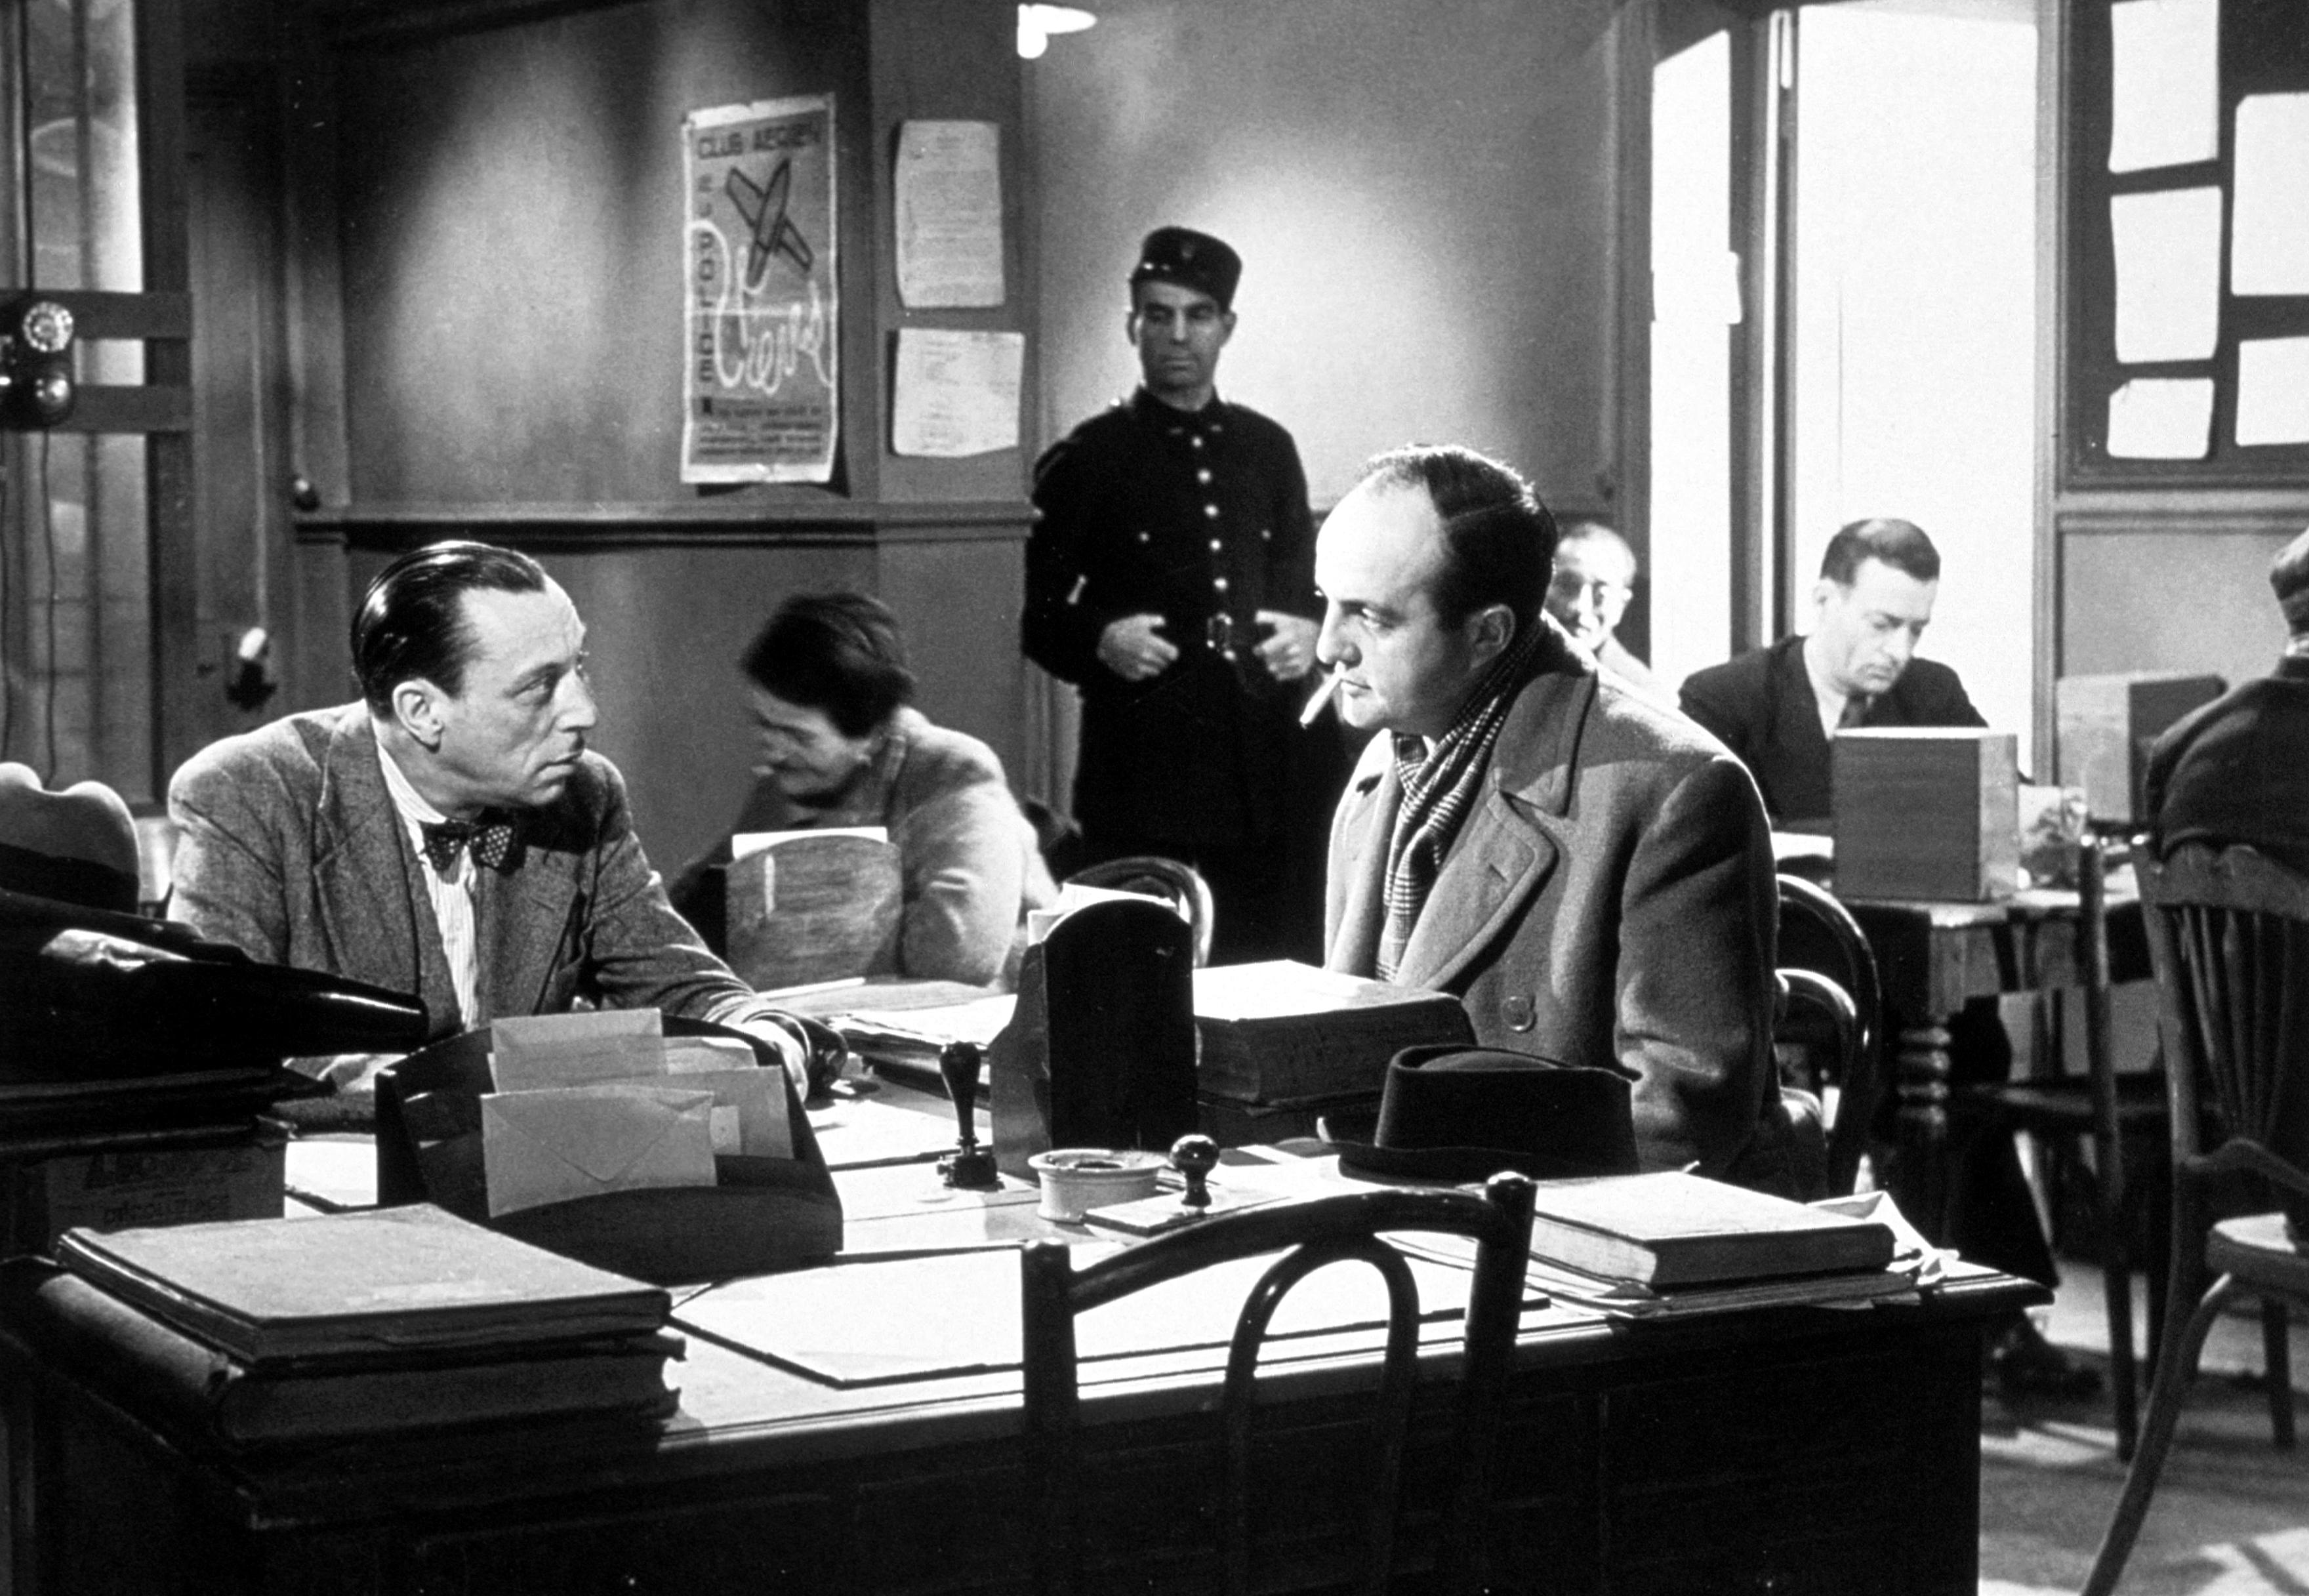 Bernard Blier and Louis Jouvet in Quai des Orfèvres (1947)